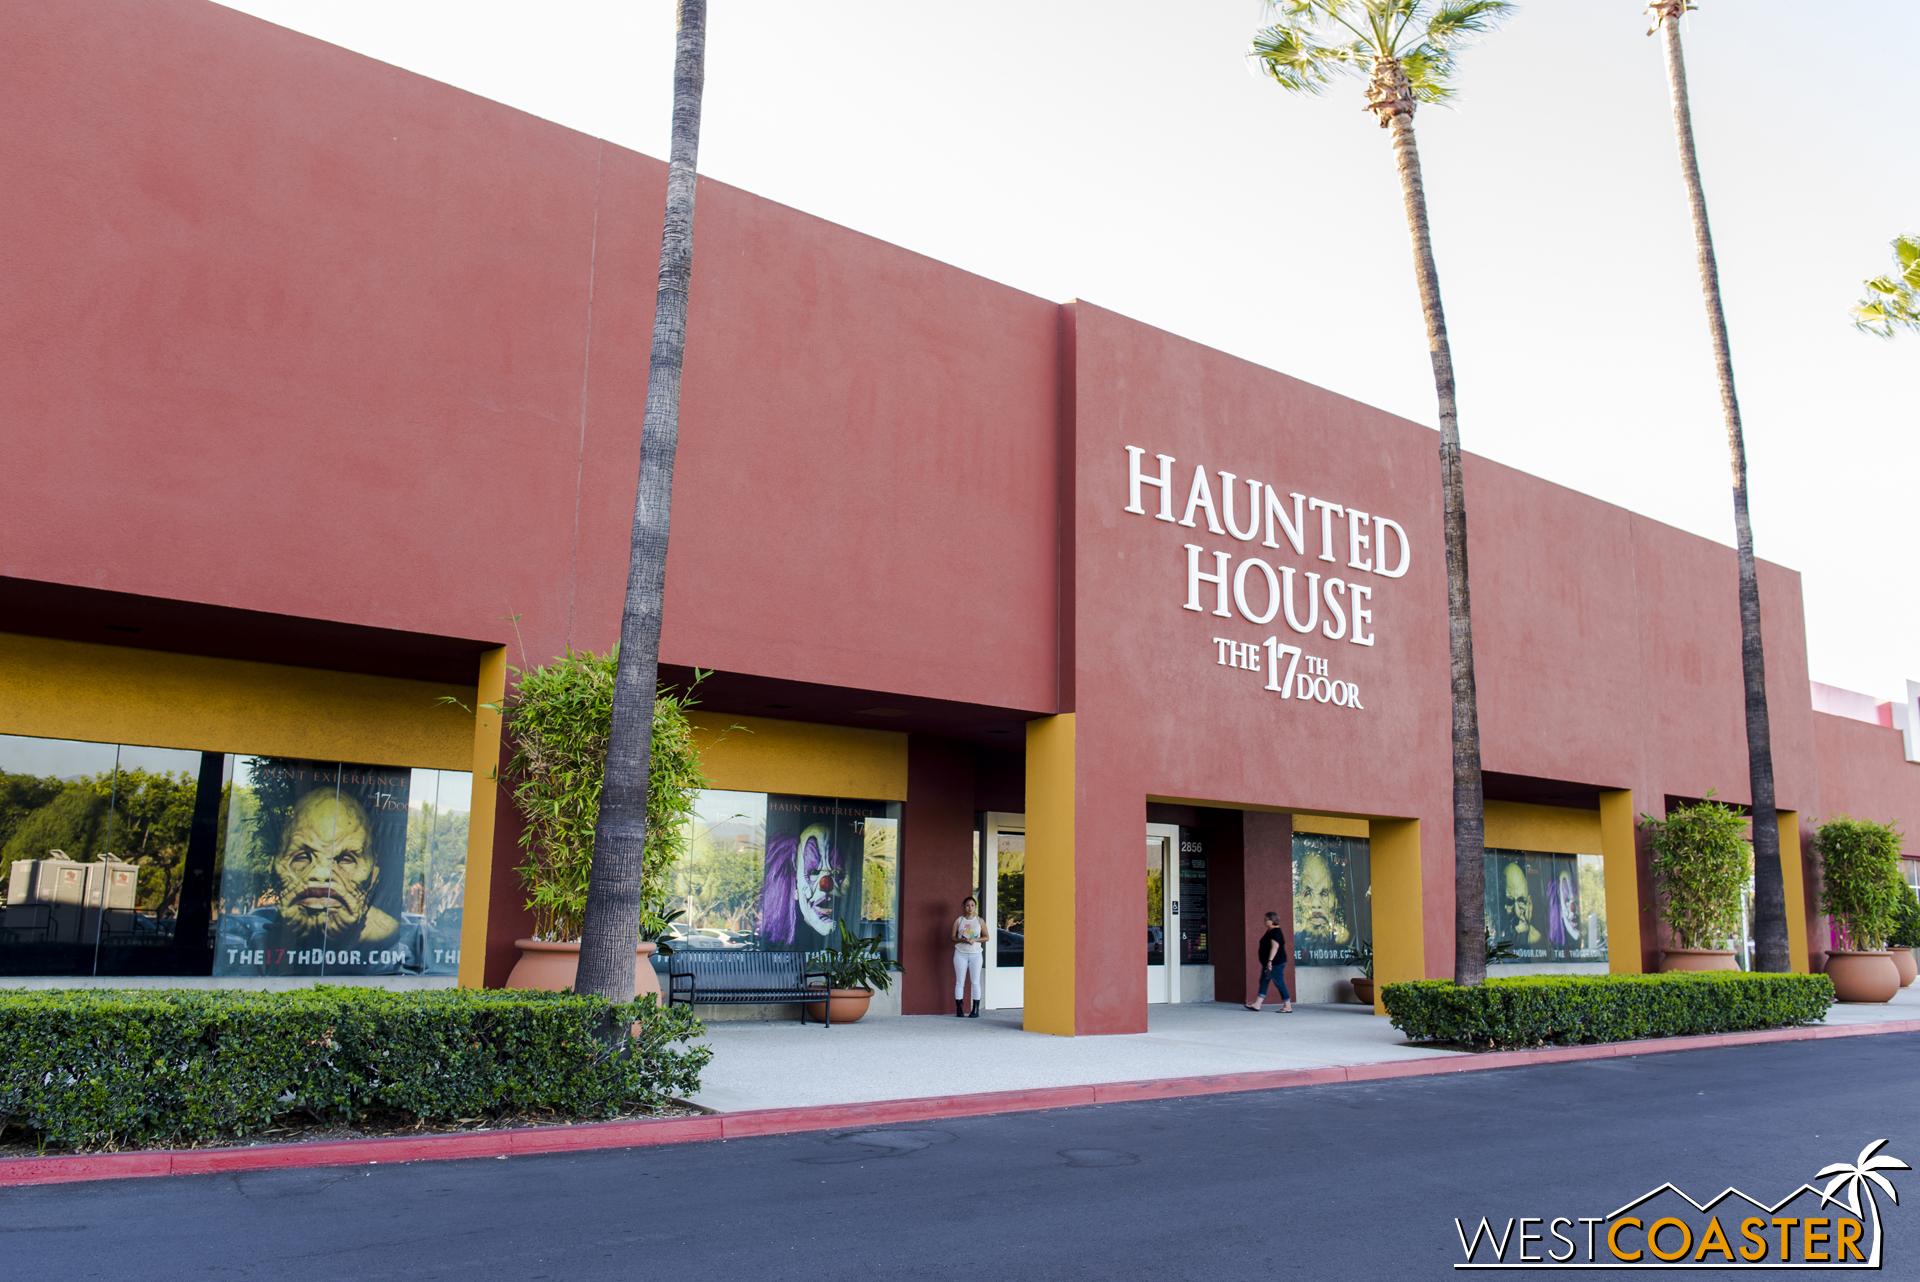 A non-descript Orange County shopping mall facade hides the shocking horrors within.